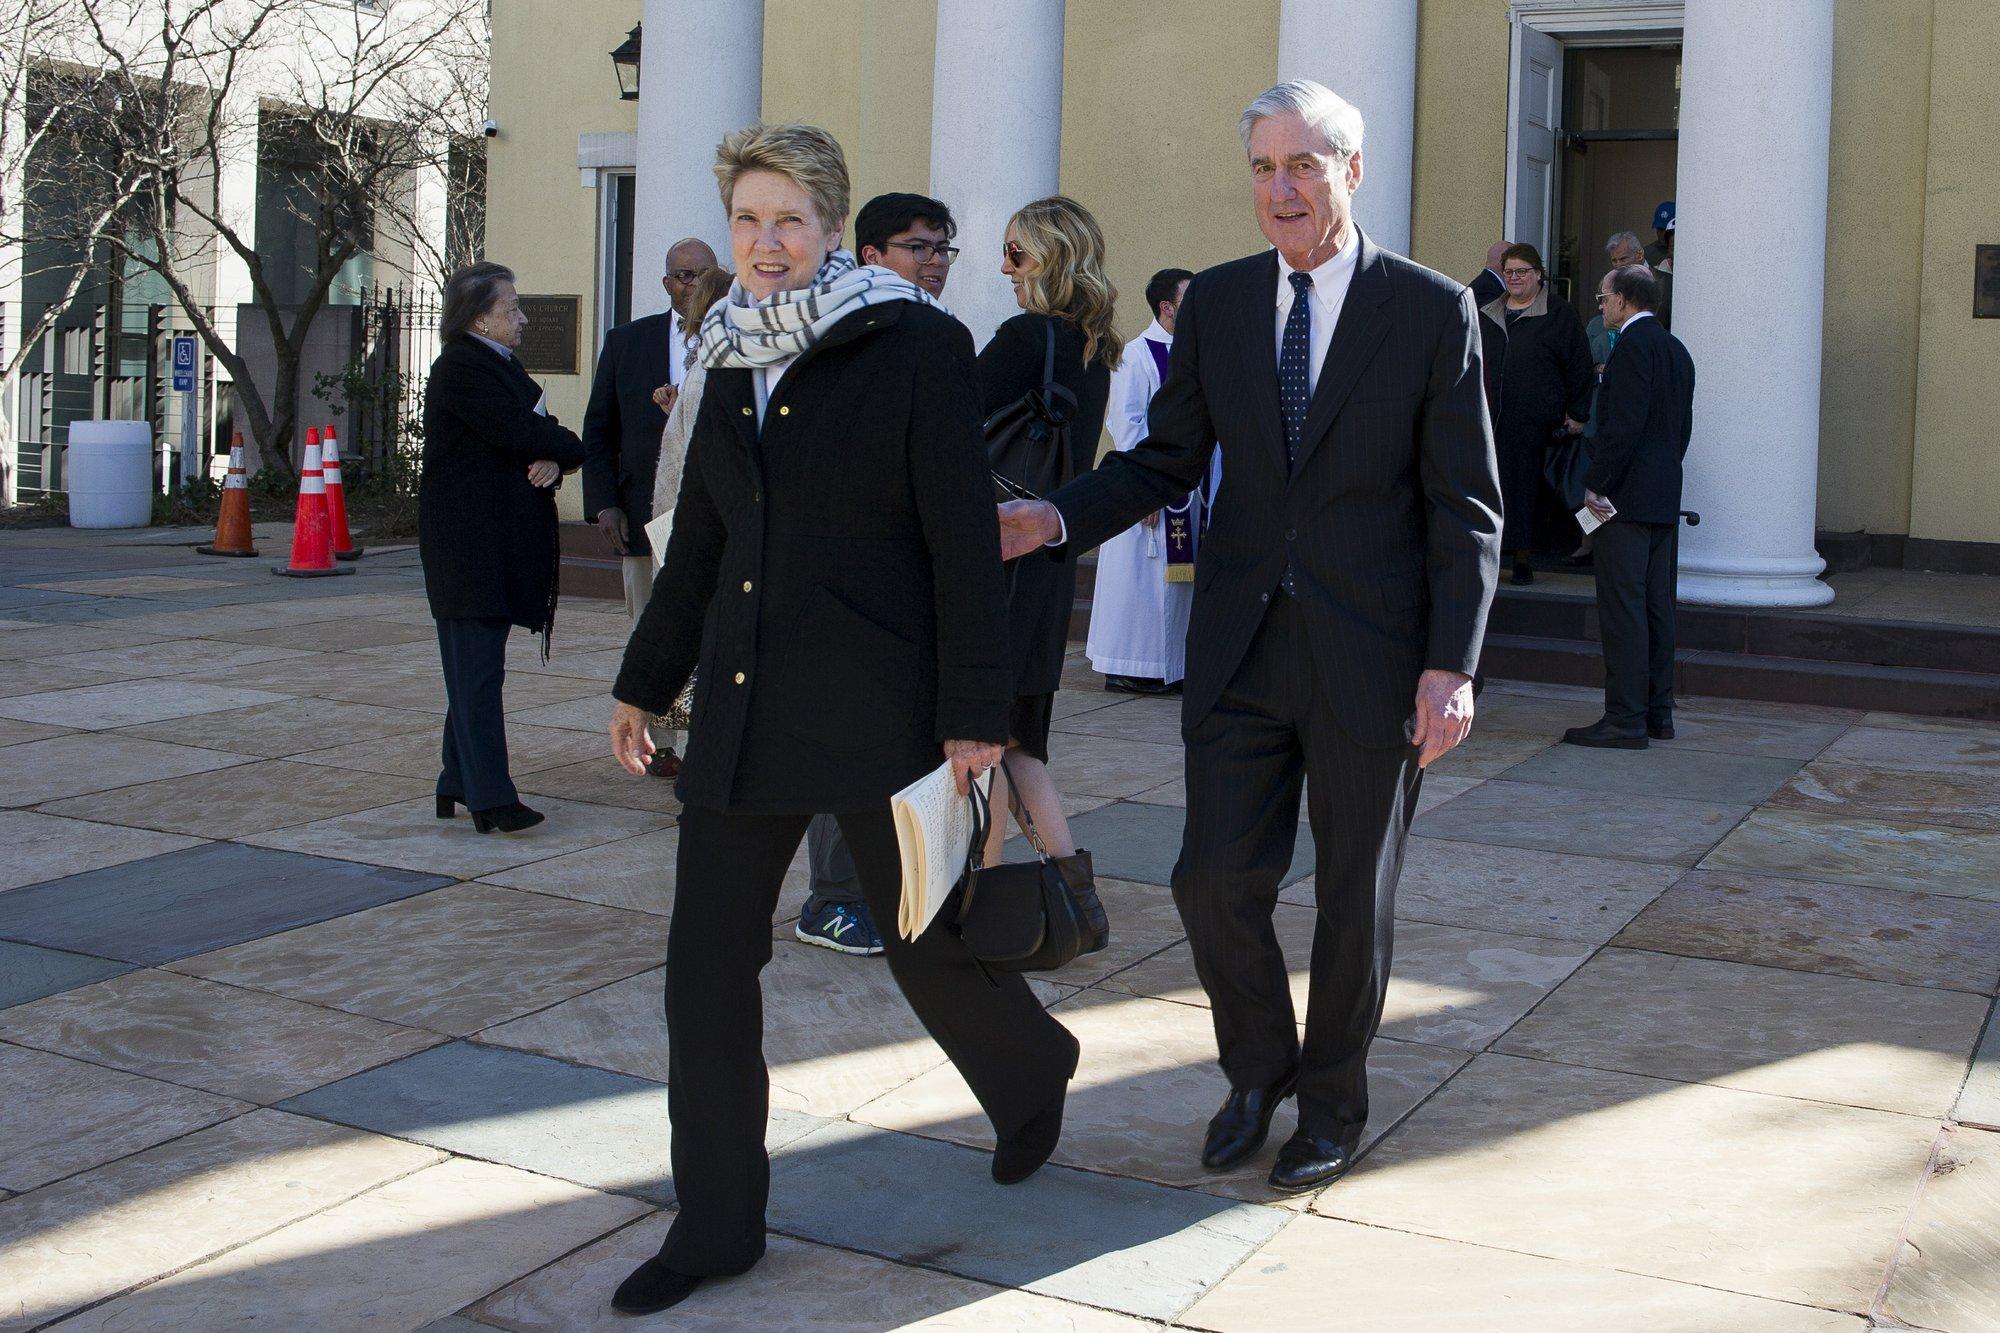 Robert Mueller and wife Ann depart from St. John's Episcopal Church 3-24-19_1553452207219.jpeg.jpg